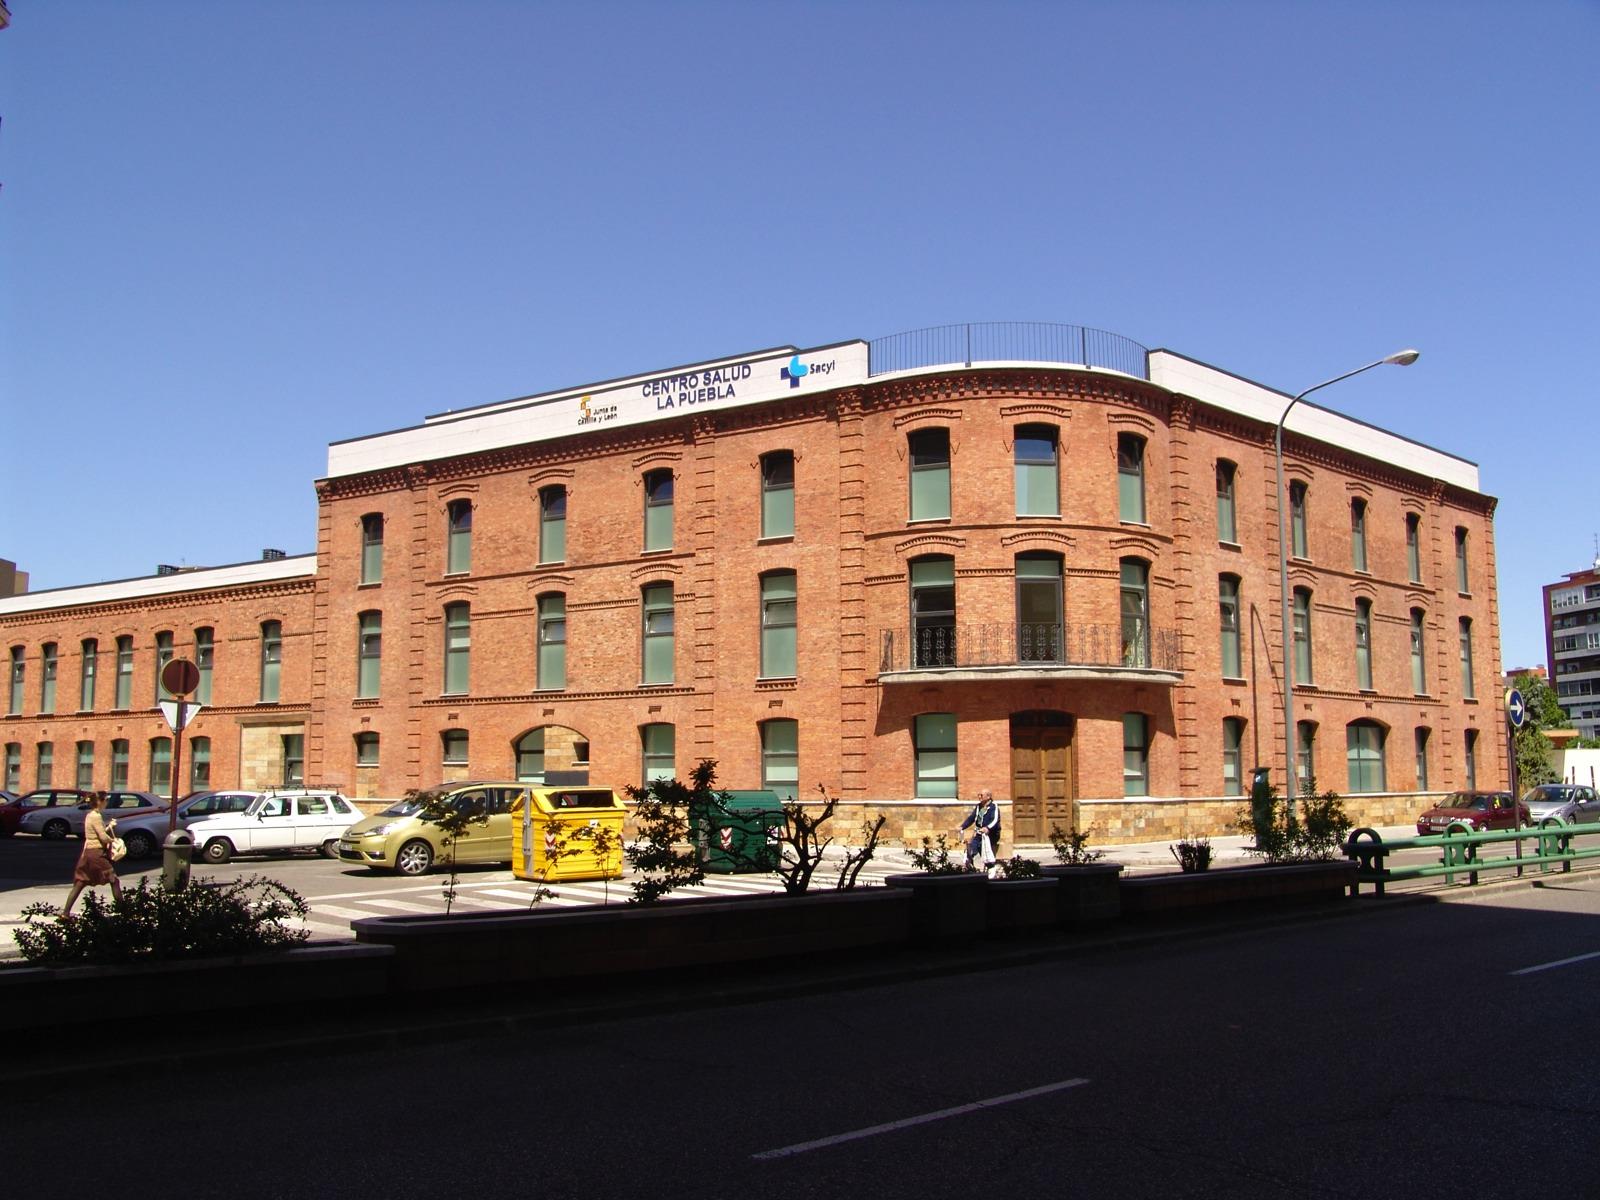 Juluis-La-Puebla-06